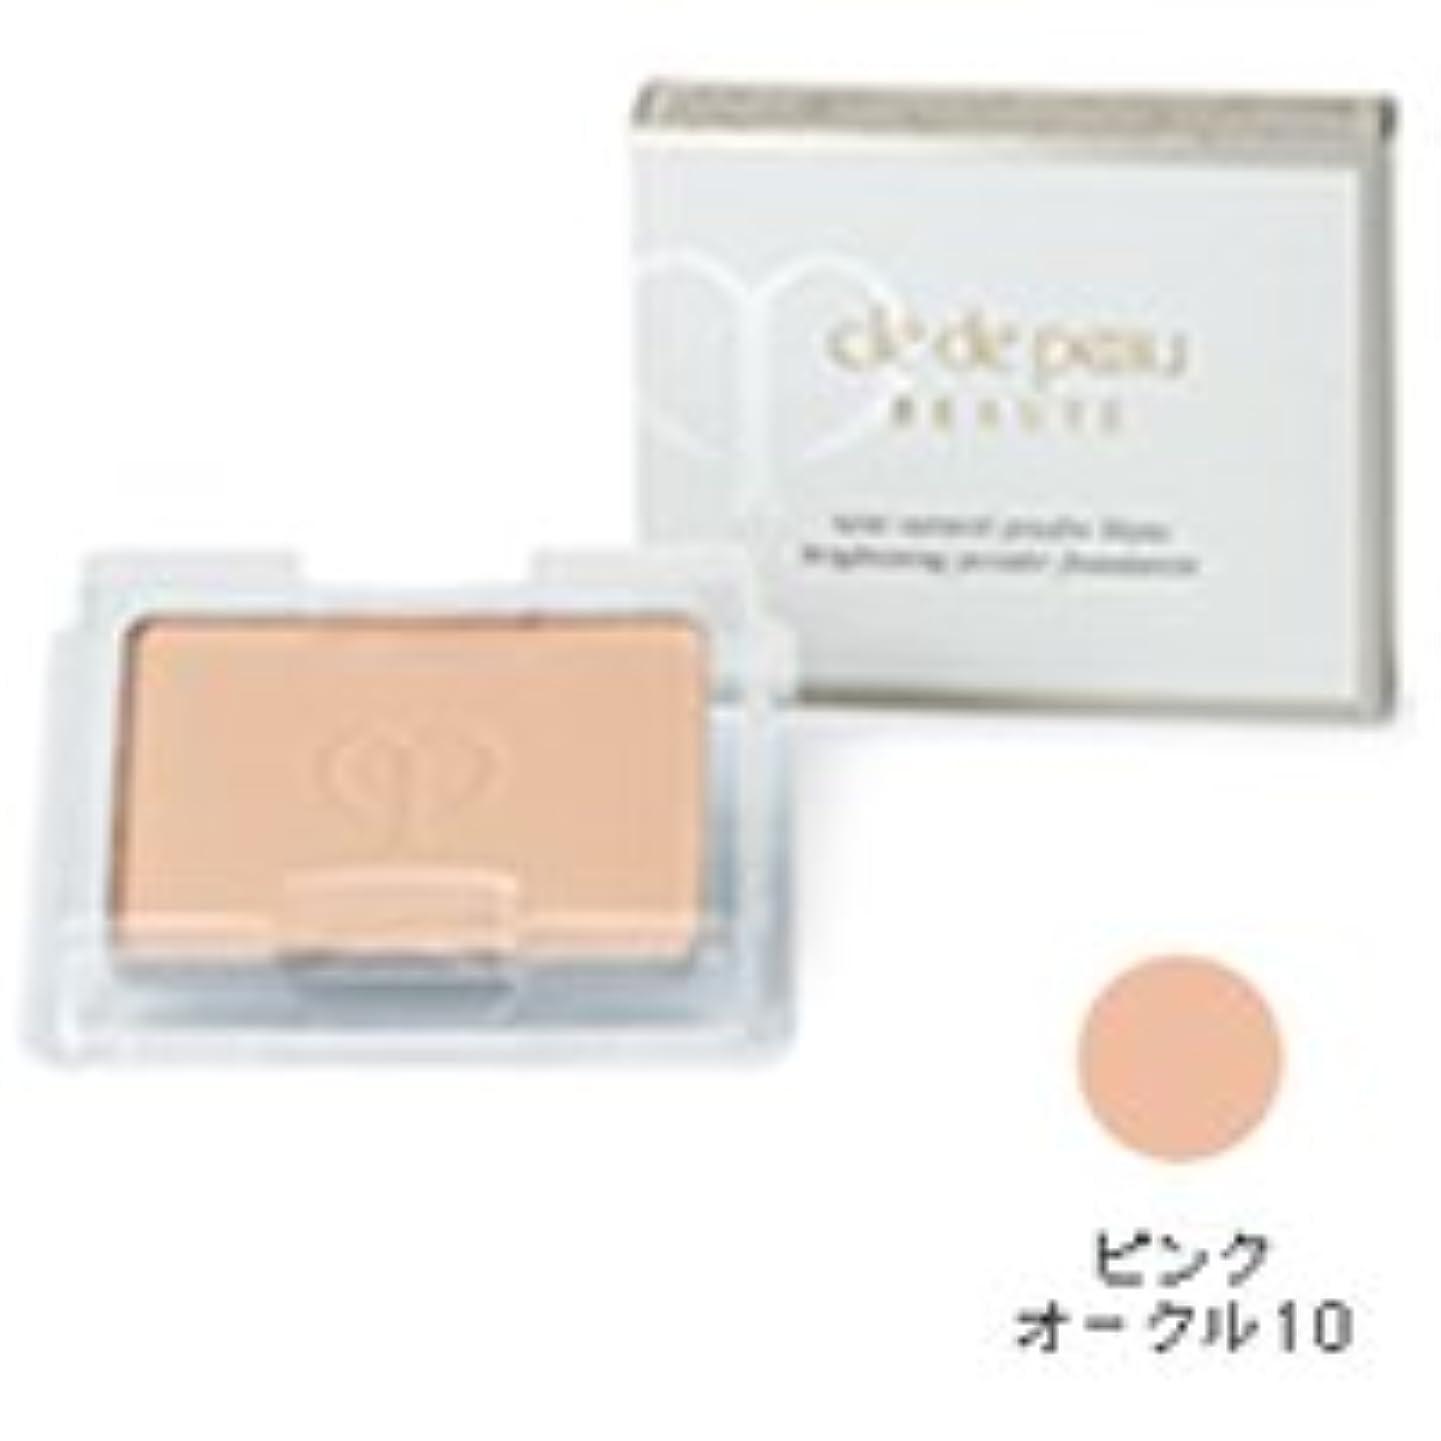 SHISEIDO クレドポーボーテ タンナチュレールプードルブラン ピンクオークル10 (レフィル) 11g [並行輸入品]